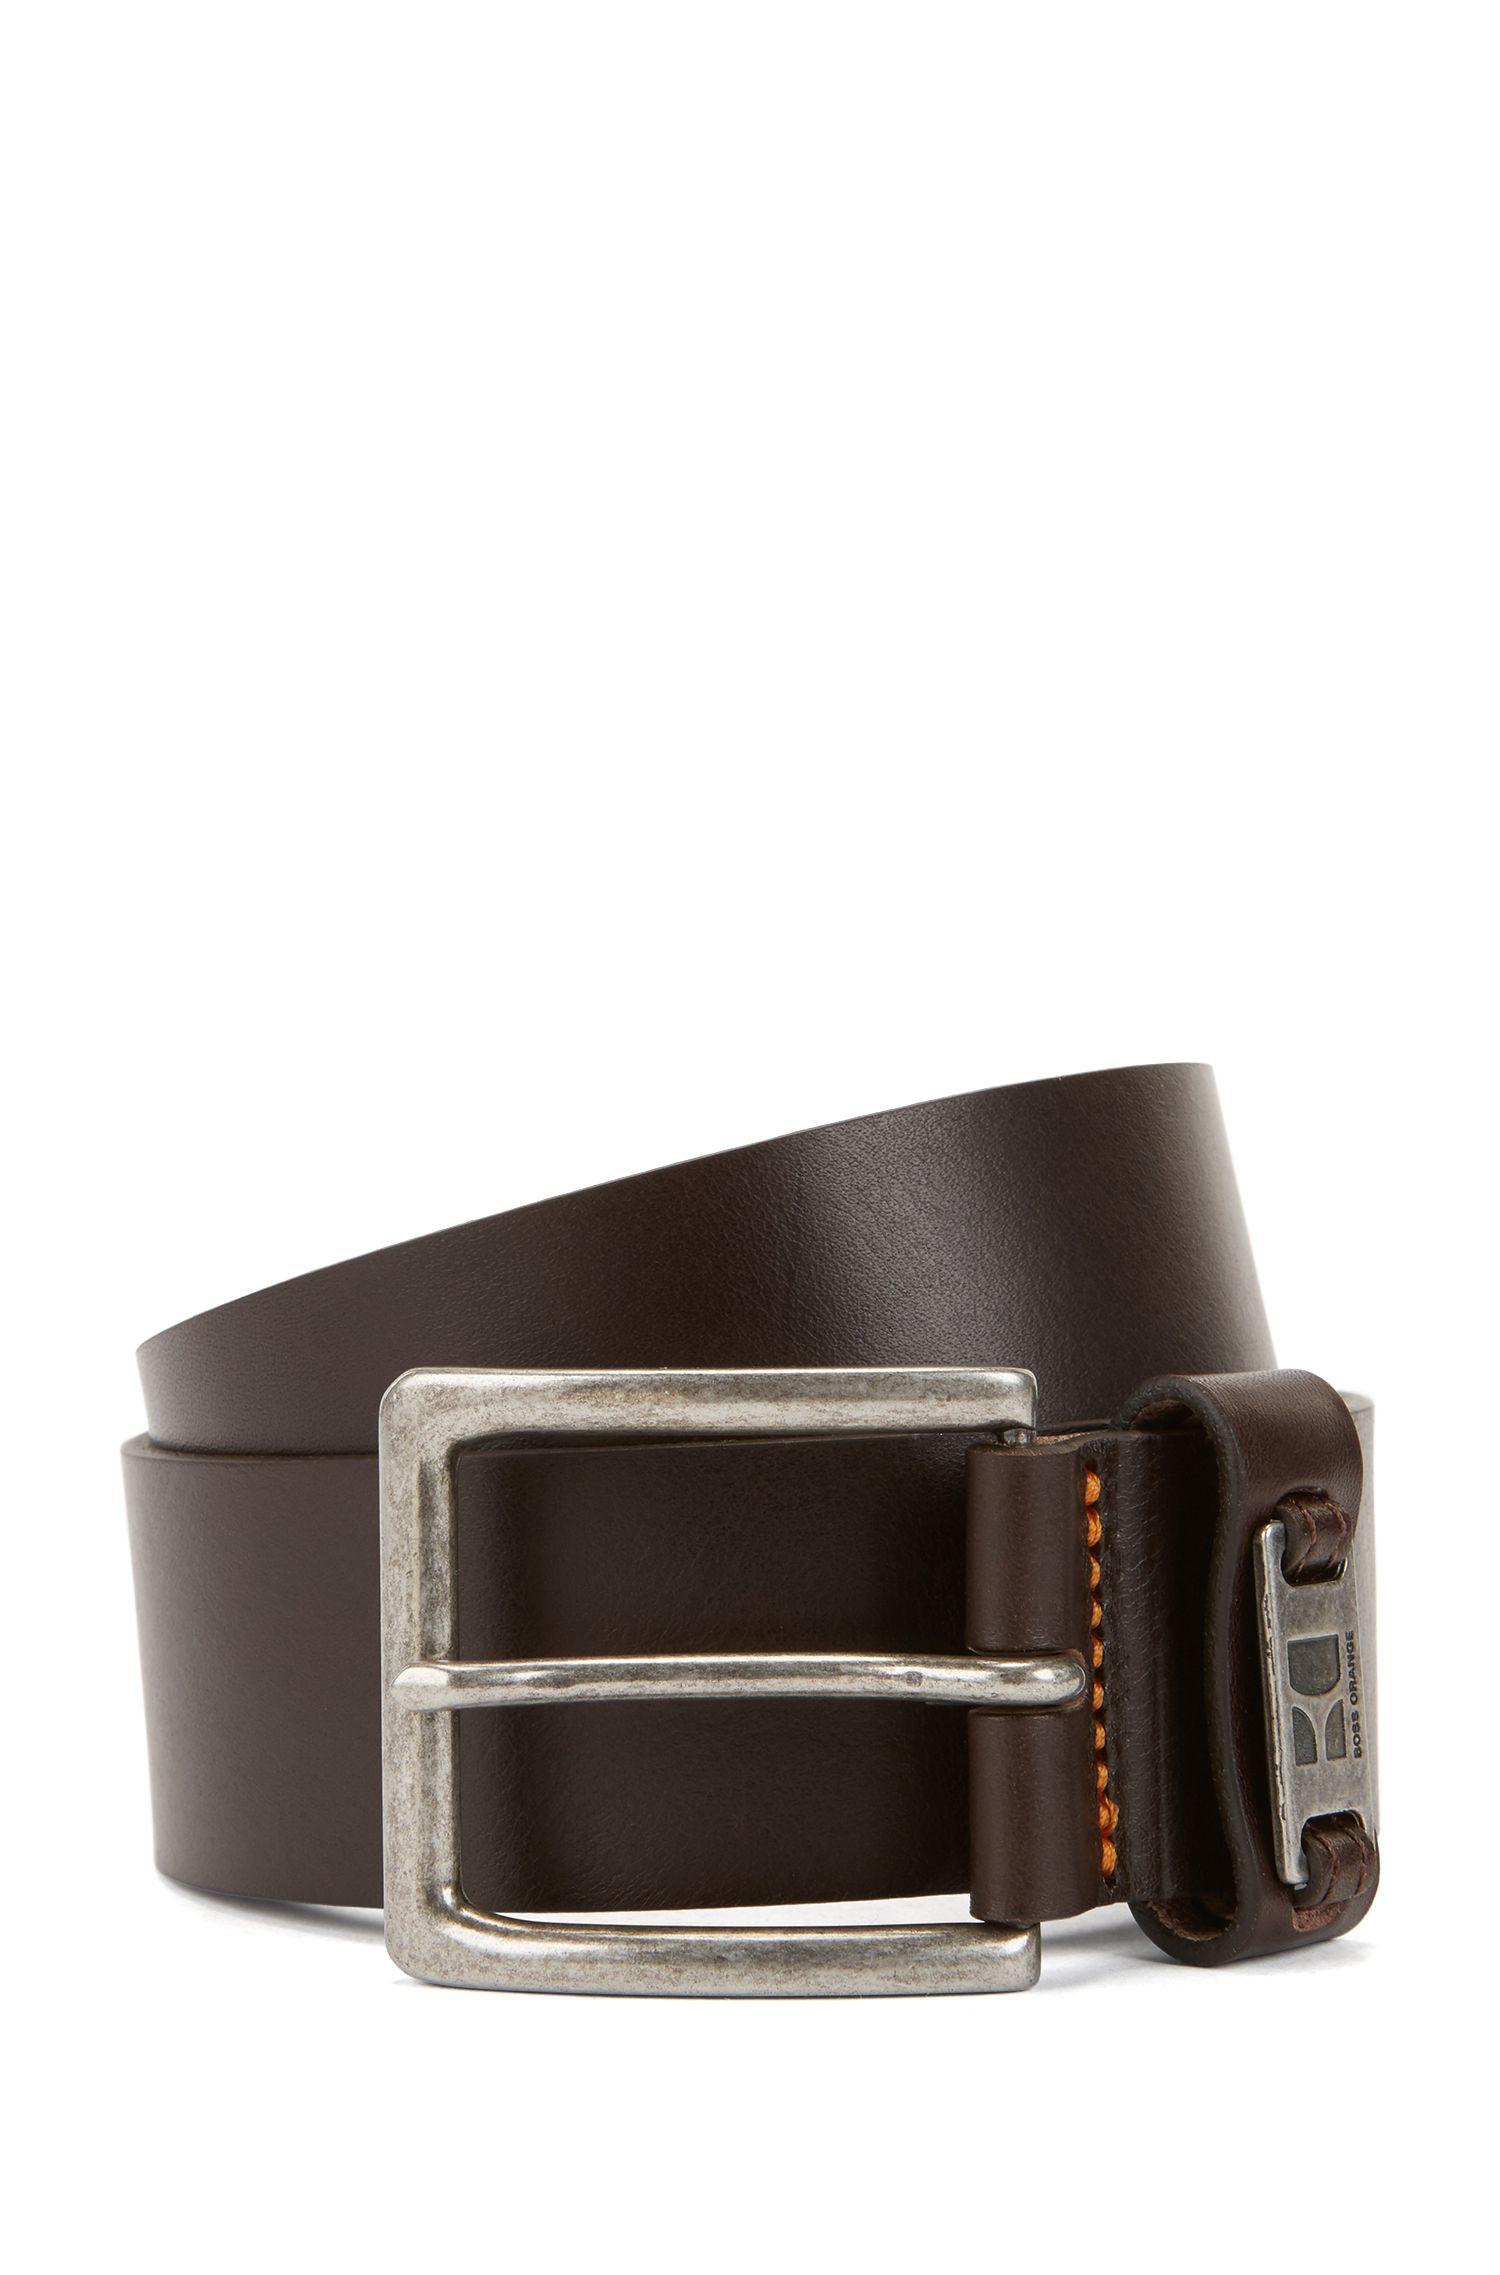 Leather belt with branded metal loop